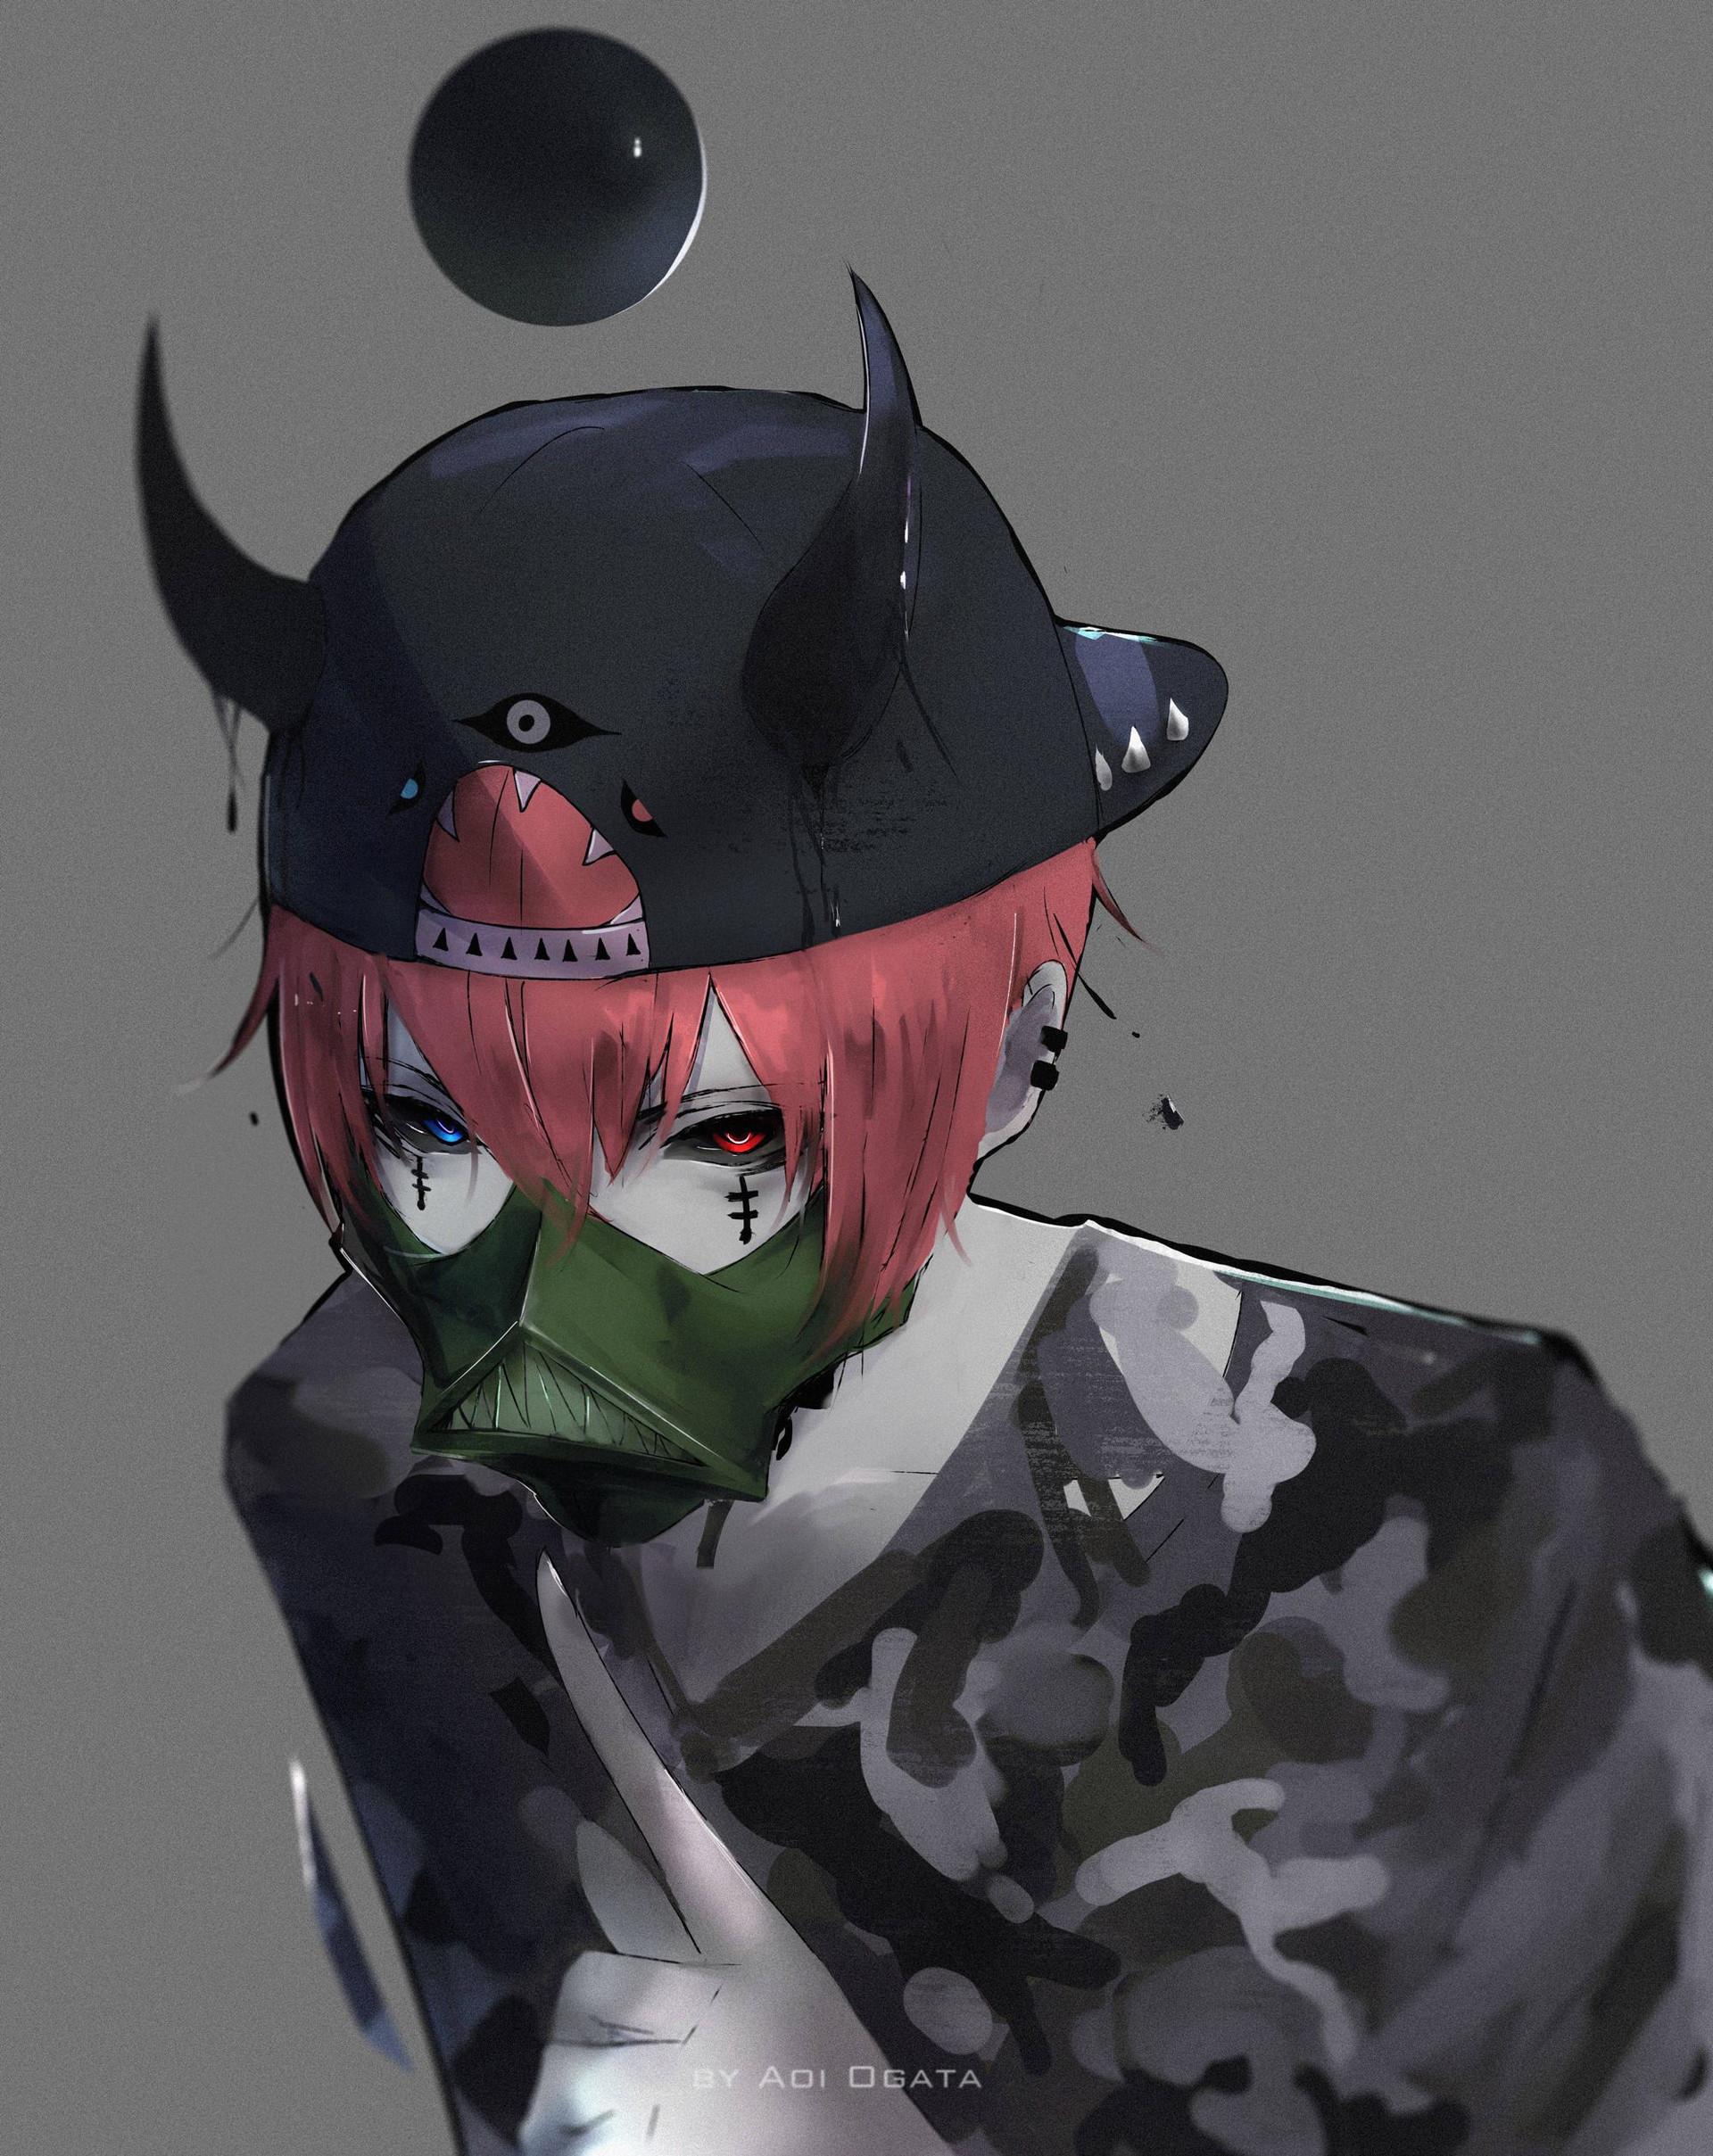 Aoi ogata sasukelikespie4rt